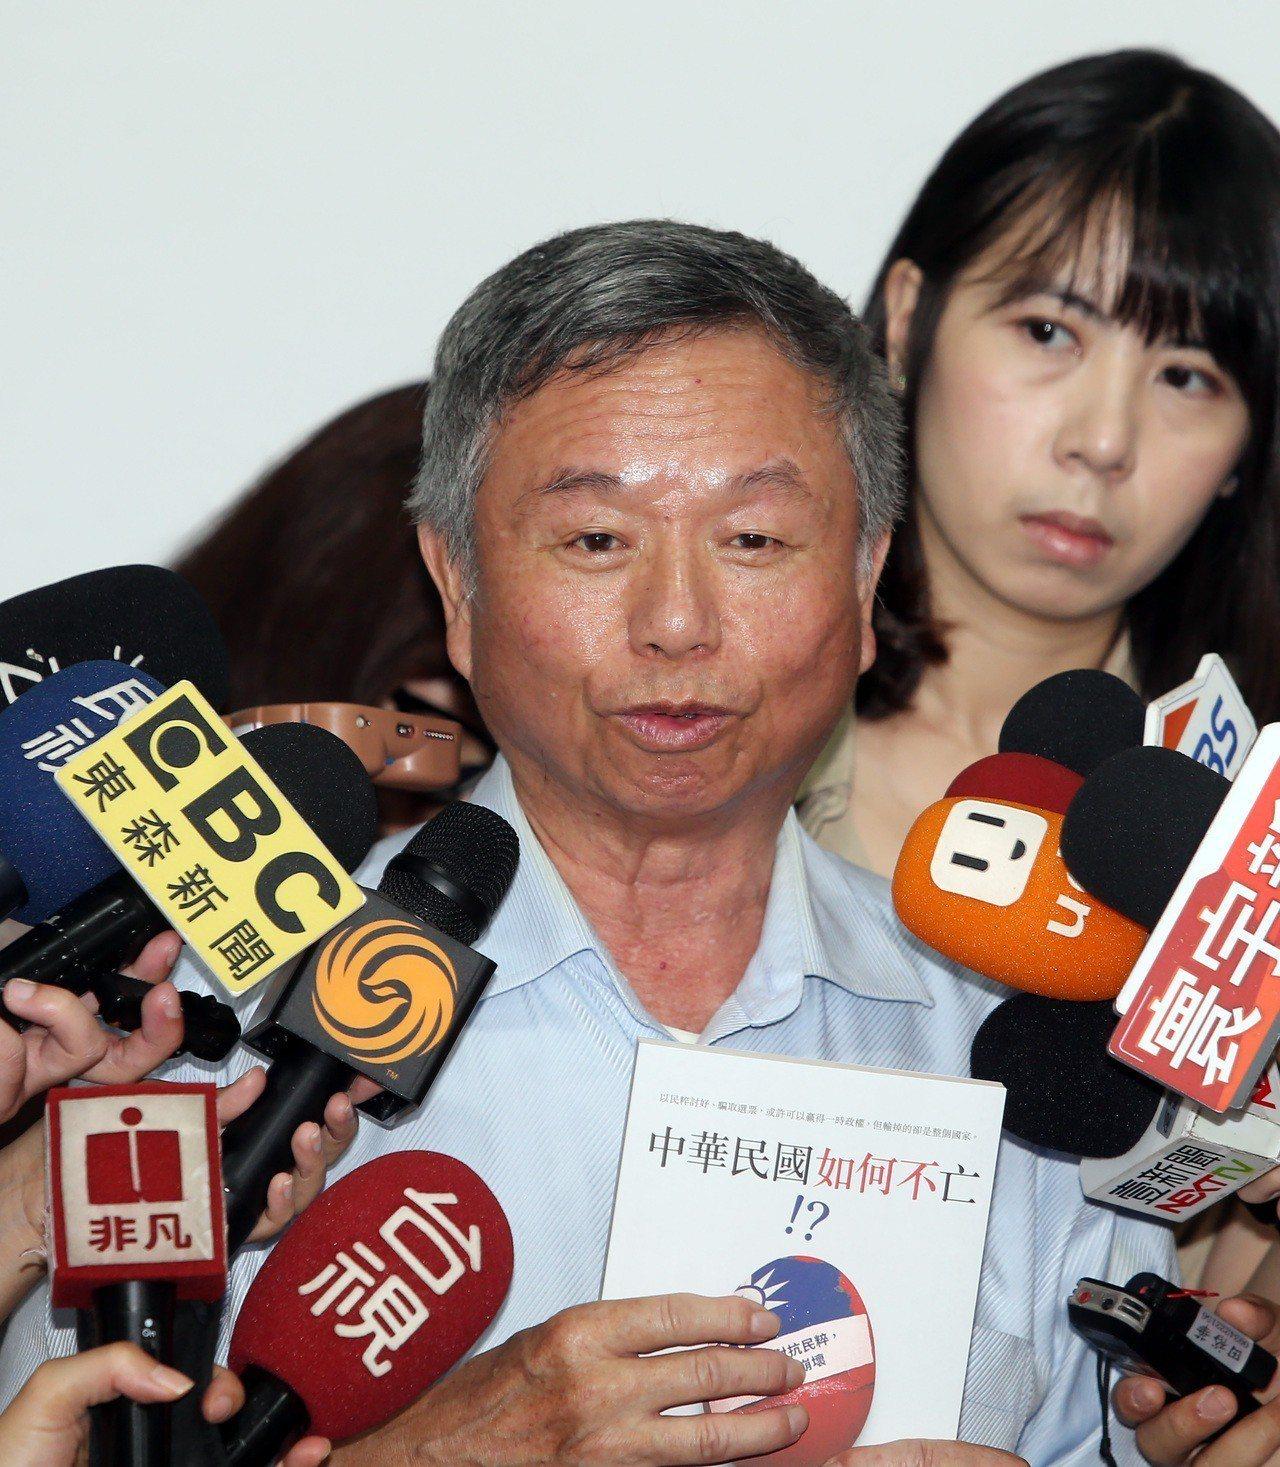 前衛生署長楊志良上午舉行新書「中華民國如何不亡」發表會。記者曾吉松/攝影